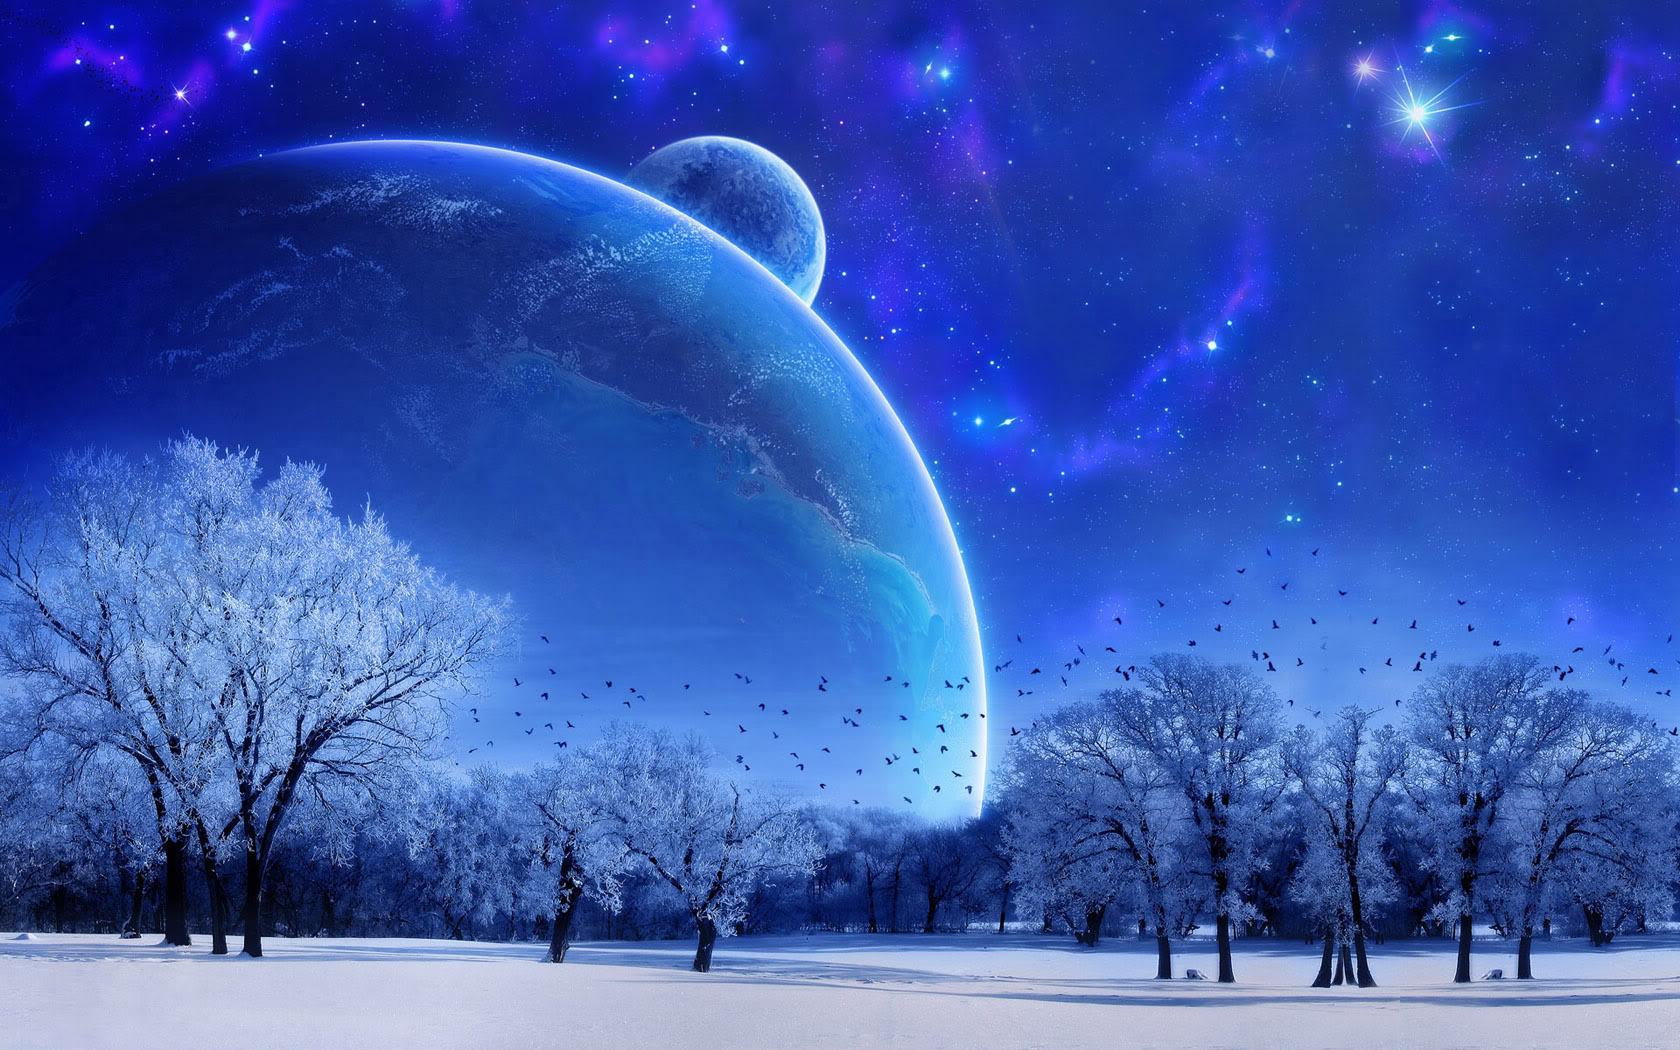 صورة طبيعية للكواكب من سطح الارض